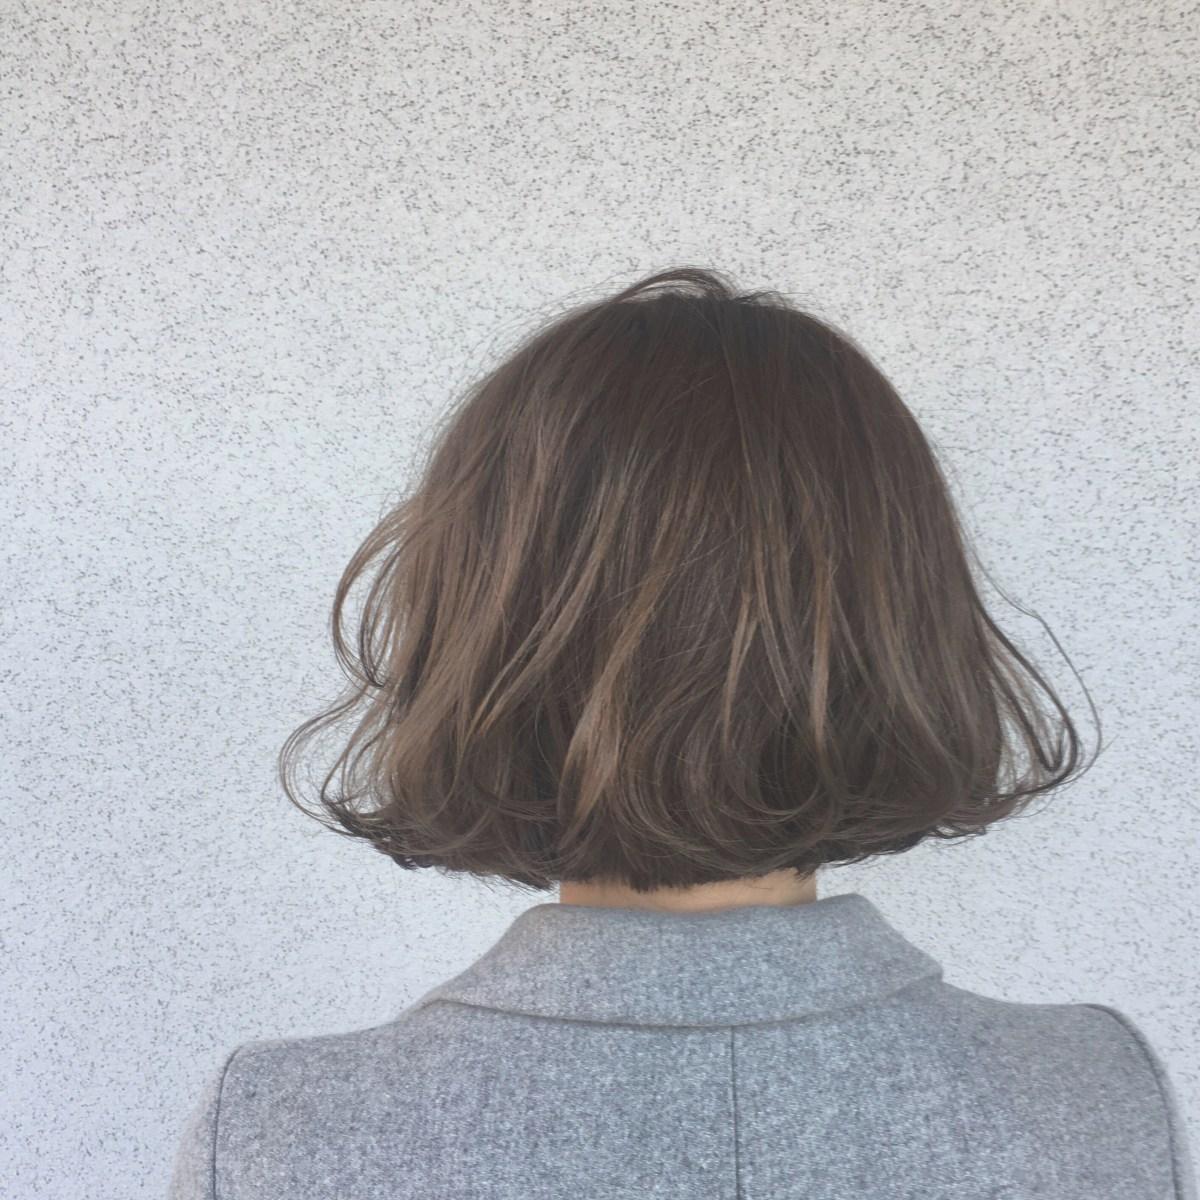 髪が黄色くなる?知って得する対処法と色もち良くするカラーについて